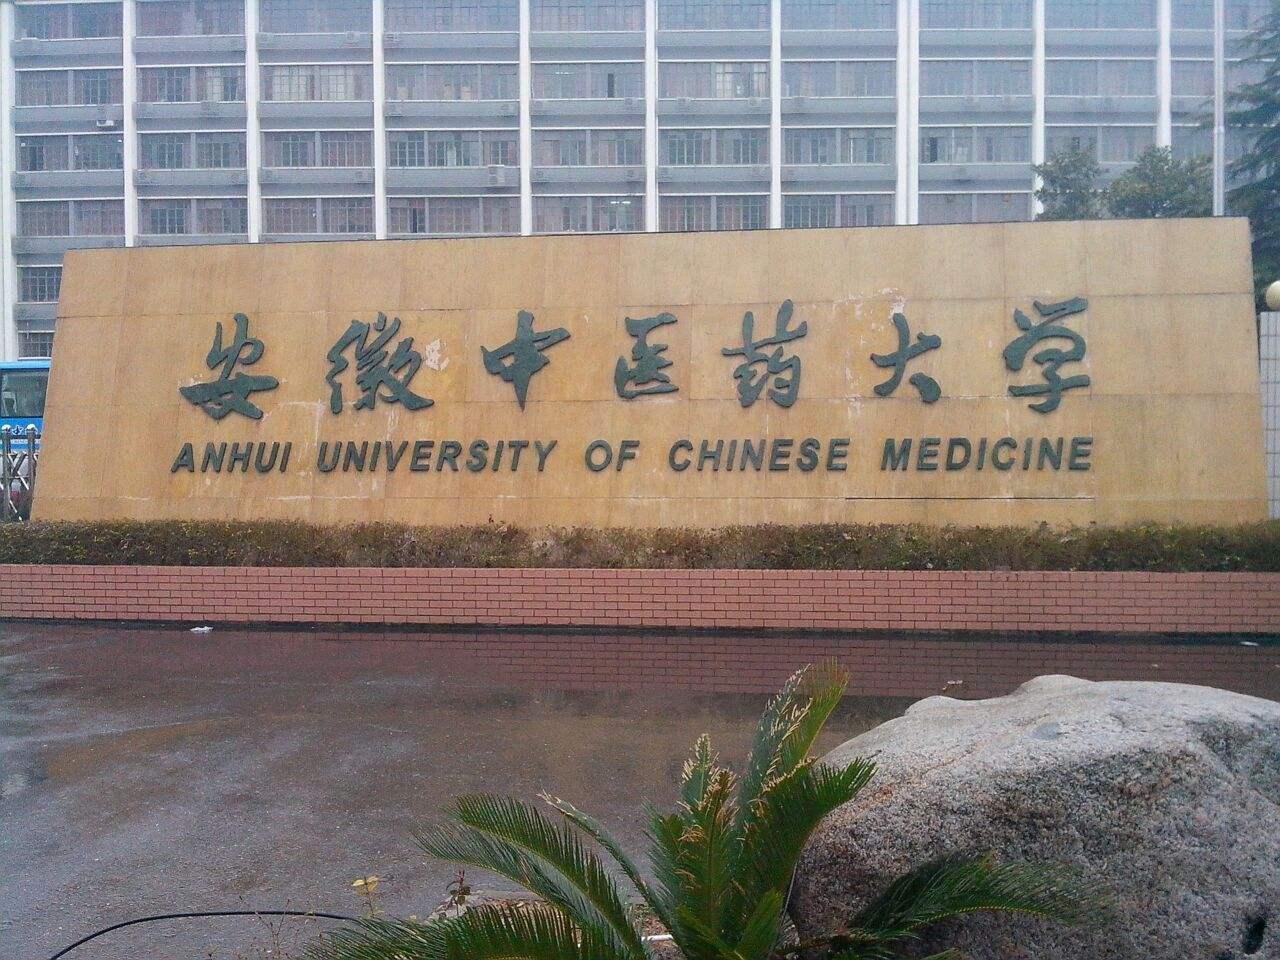 安徽中医学院地址_1970年,安徽中医学院并入安徽医学院.